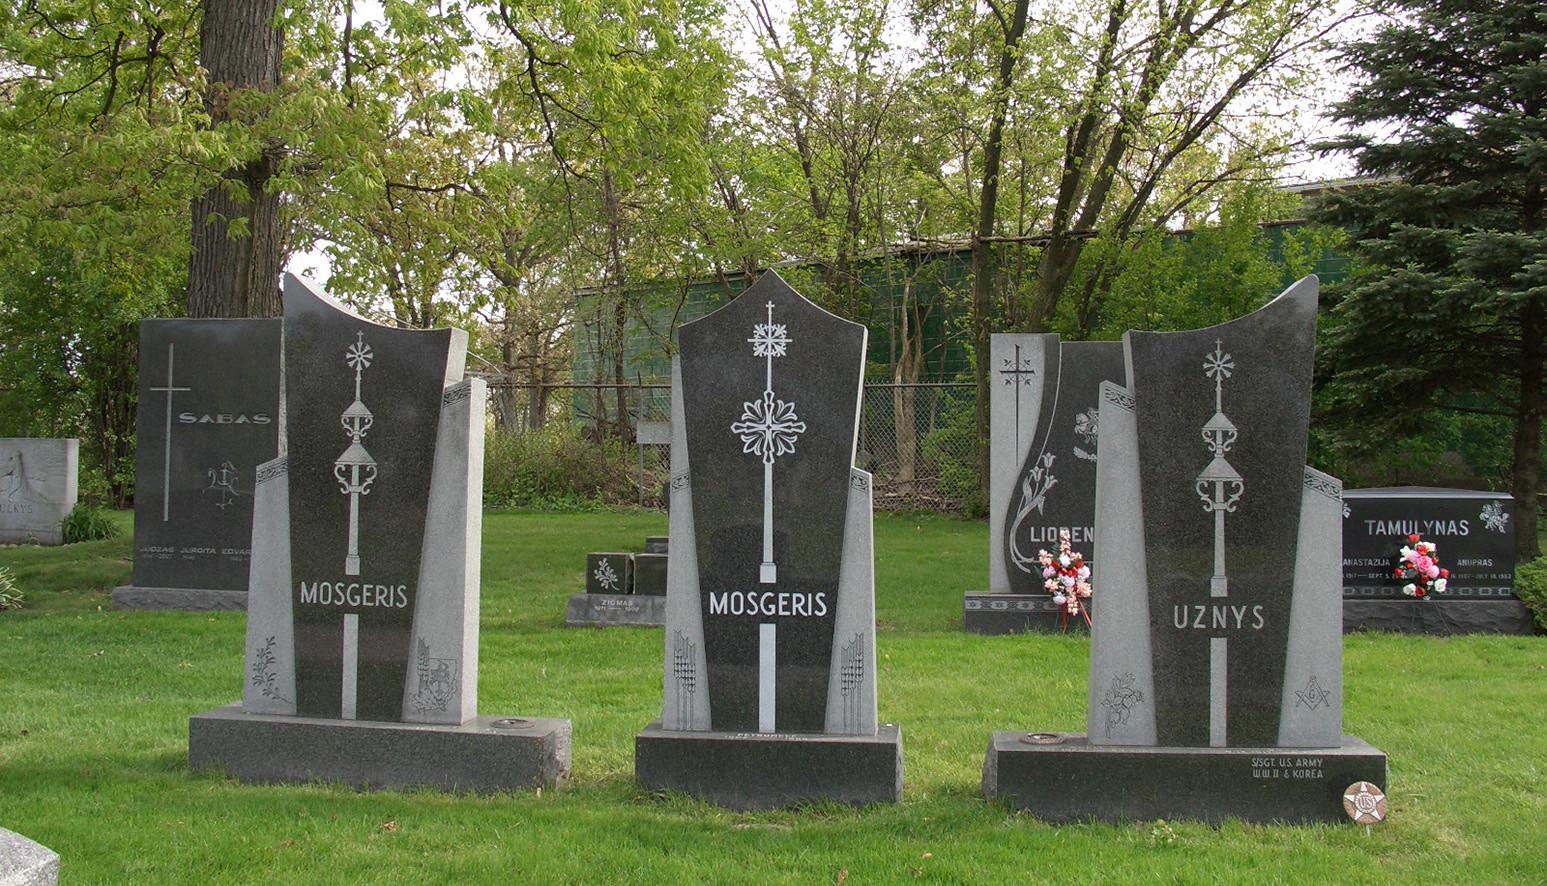 7 pav. Lietuvių tautinės kapinės Čikagoje. S. Urbonienės nuotr., 2012